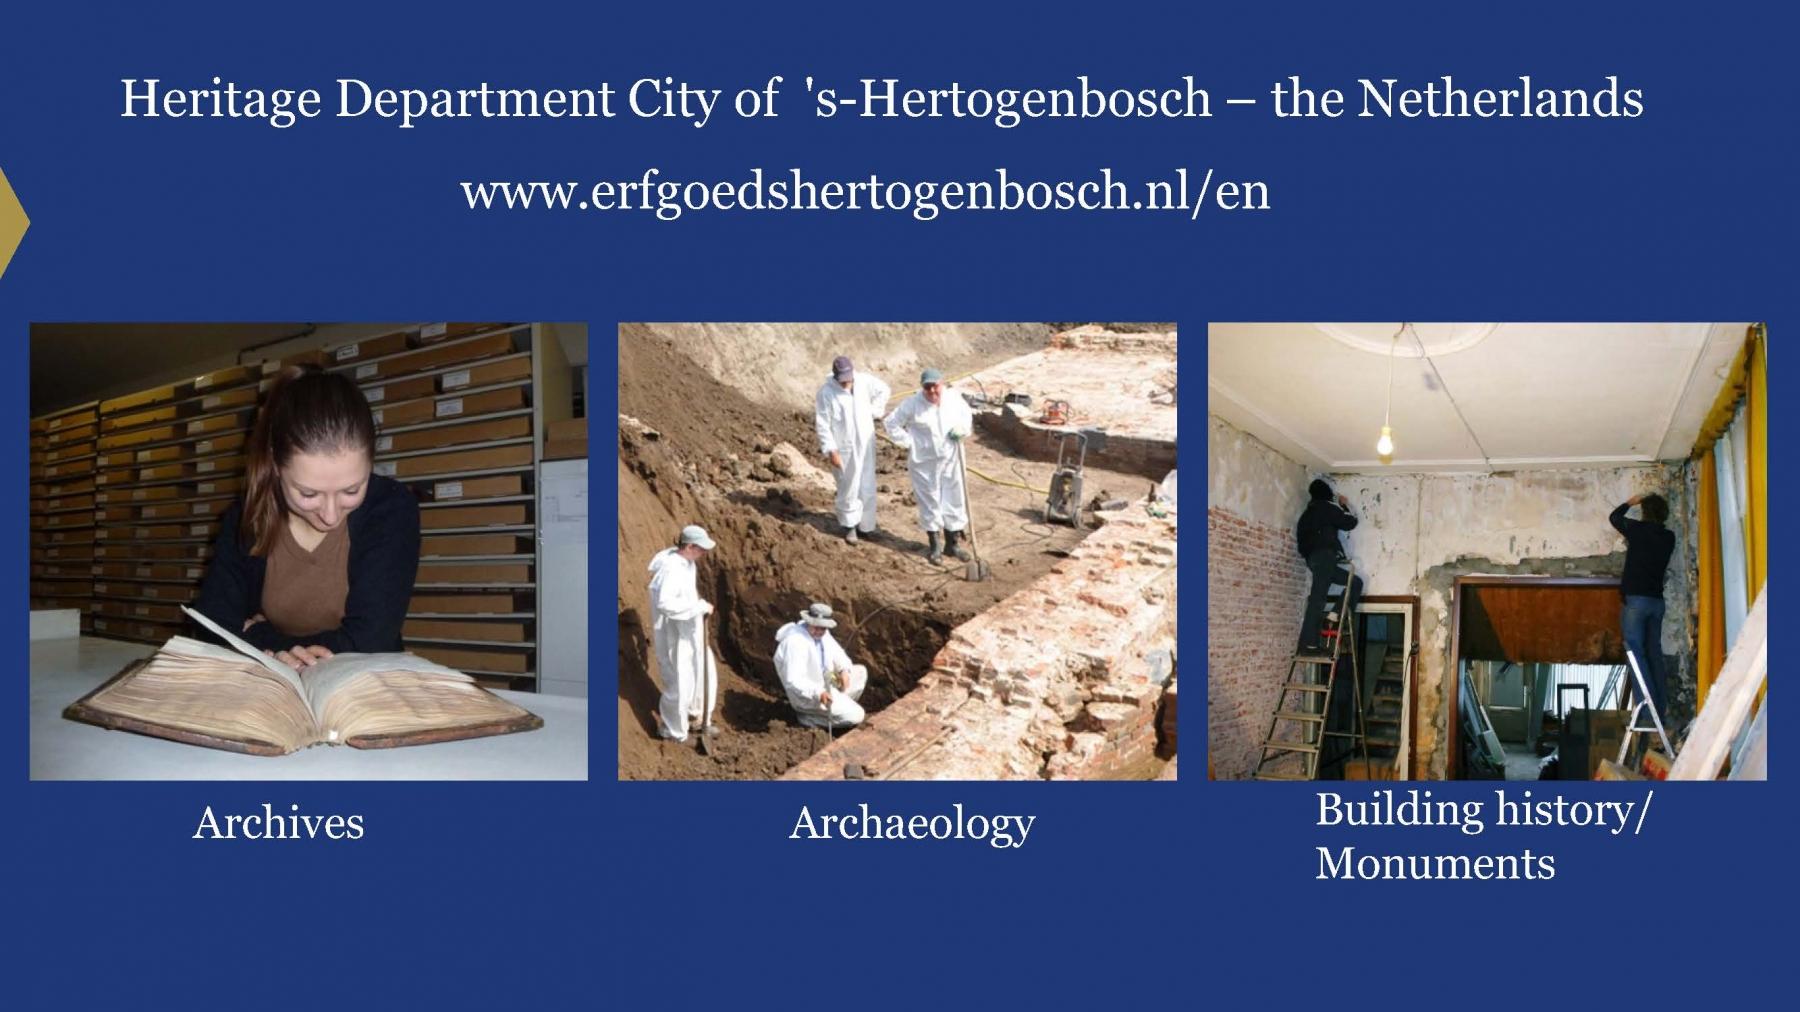 Heritage Department - City of 's-Hertogenbosch (pres. by Dieke Wesselingh)